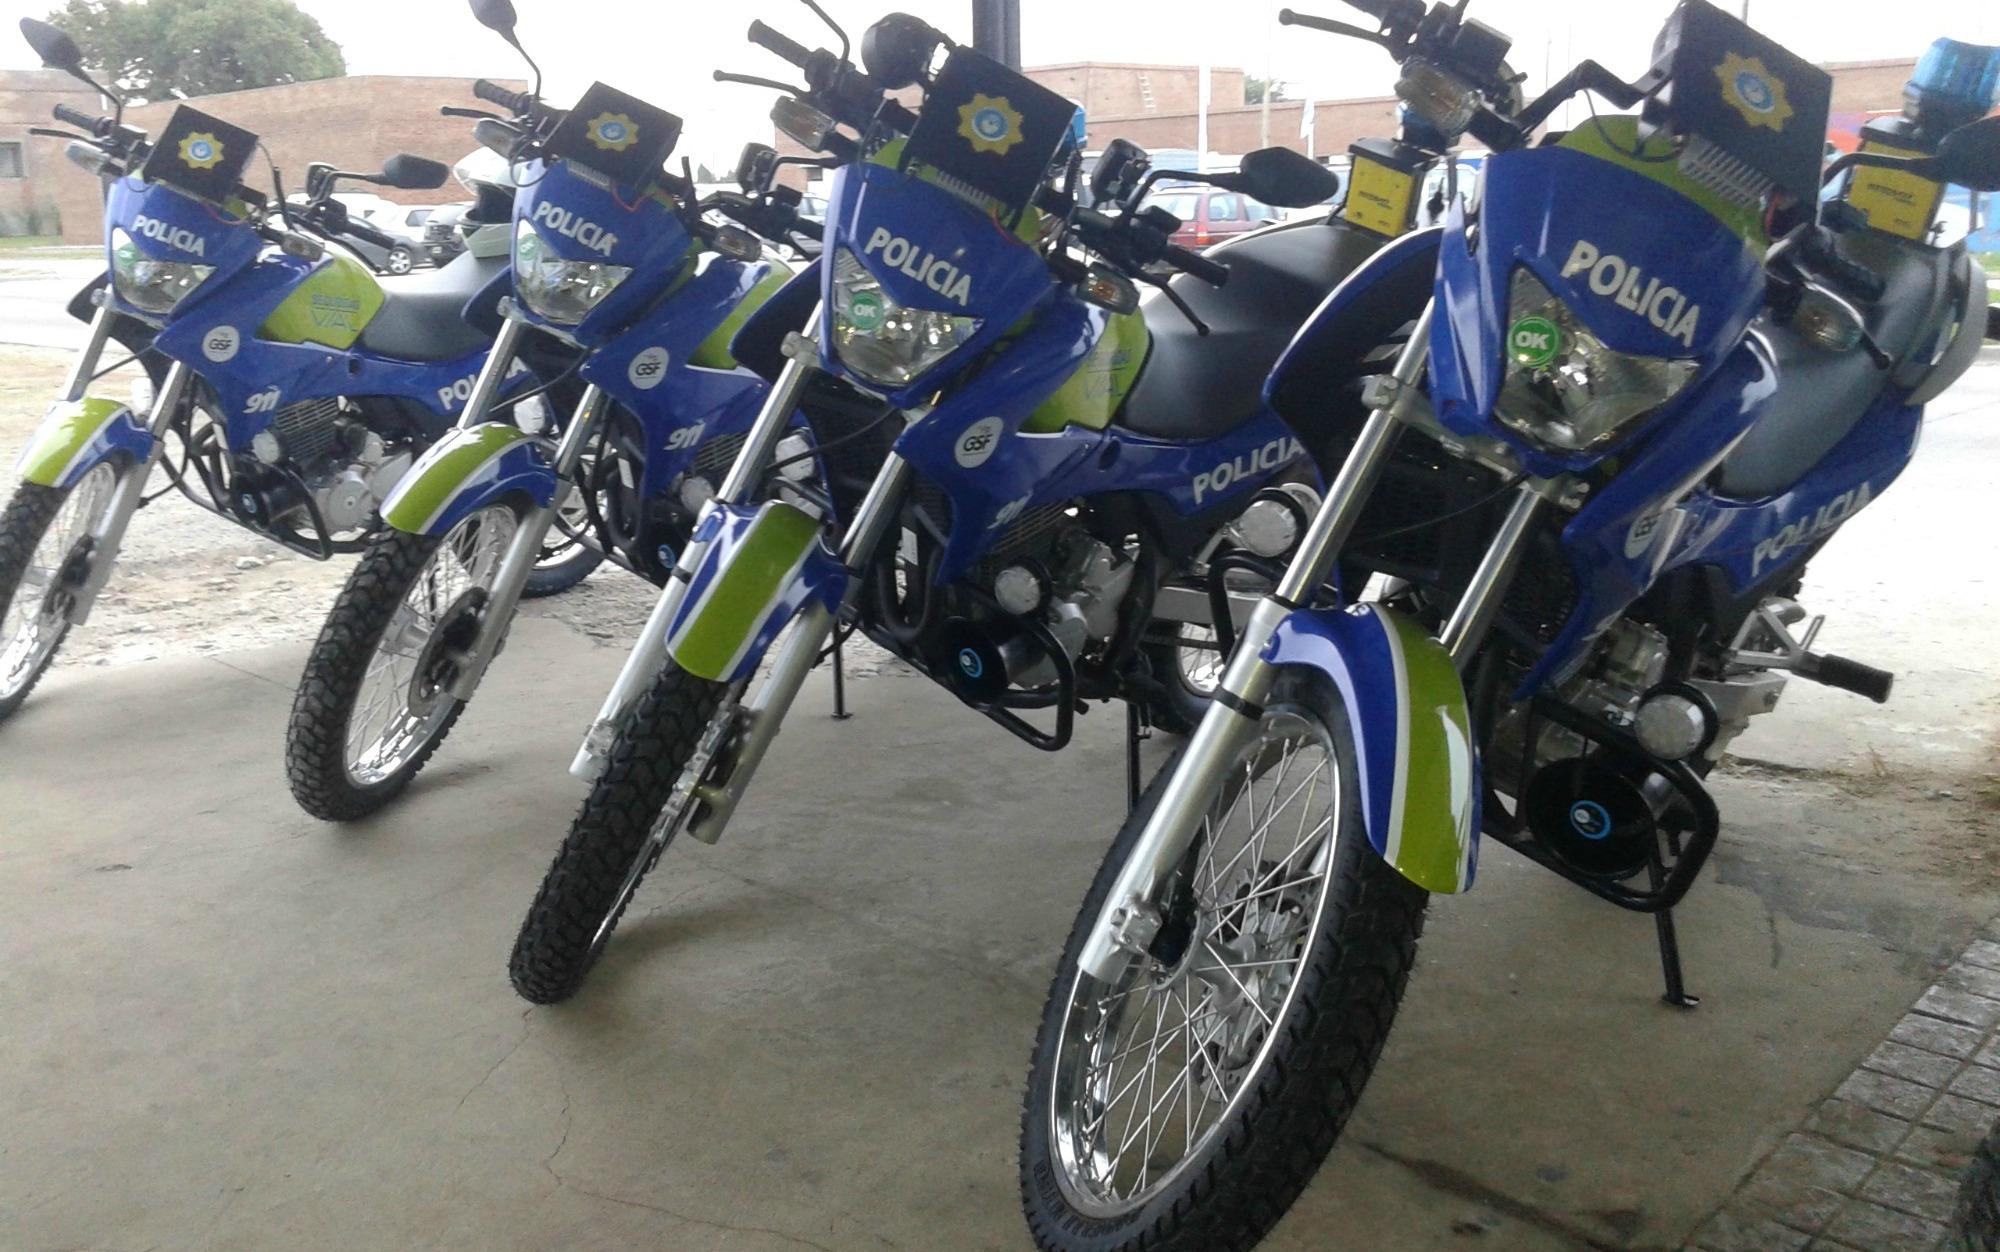 Policías de la brigada motorizada participaron de los hechos.